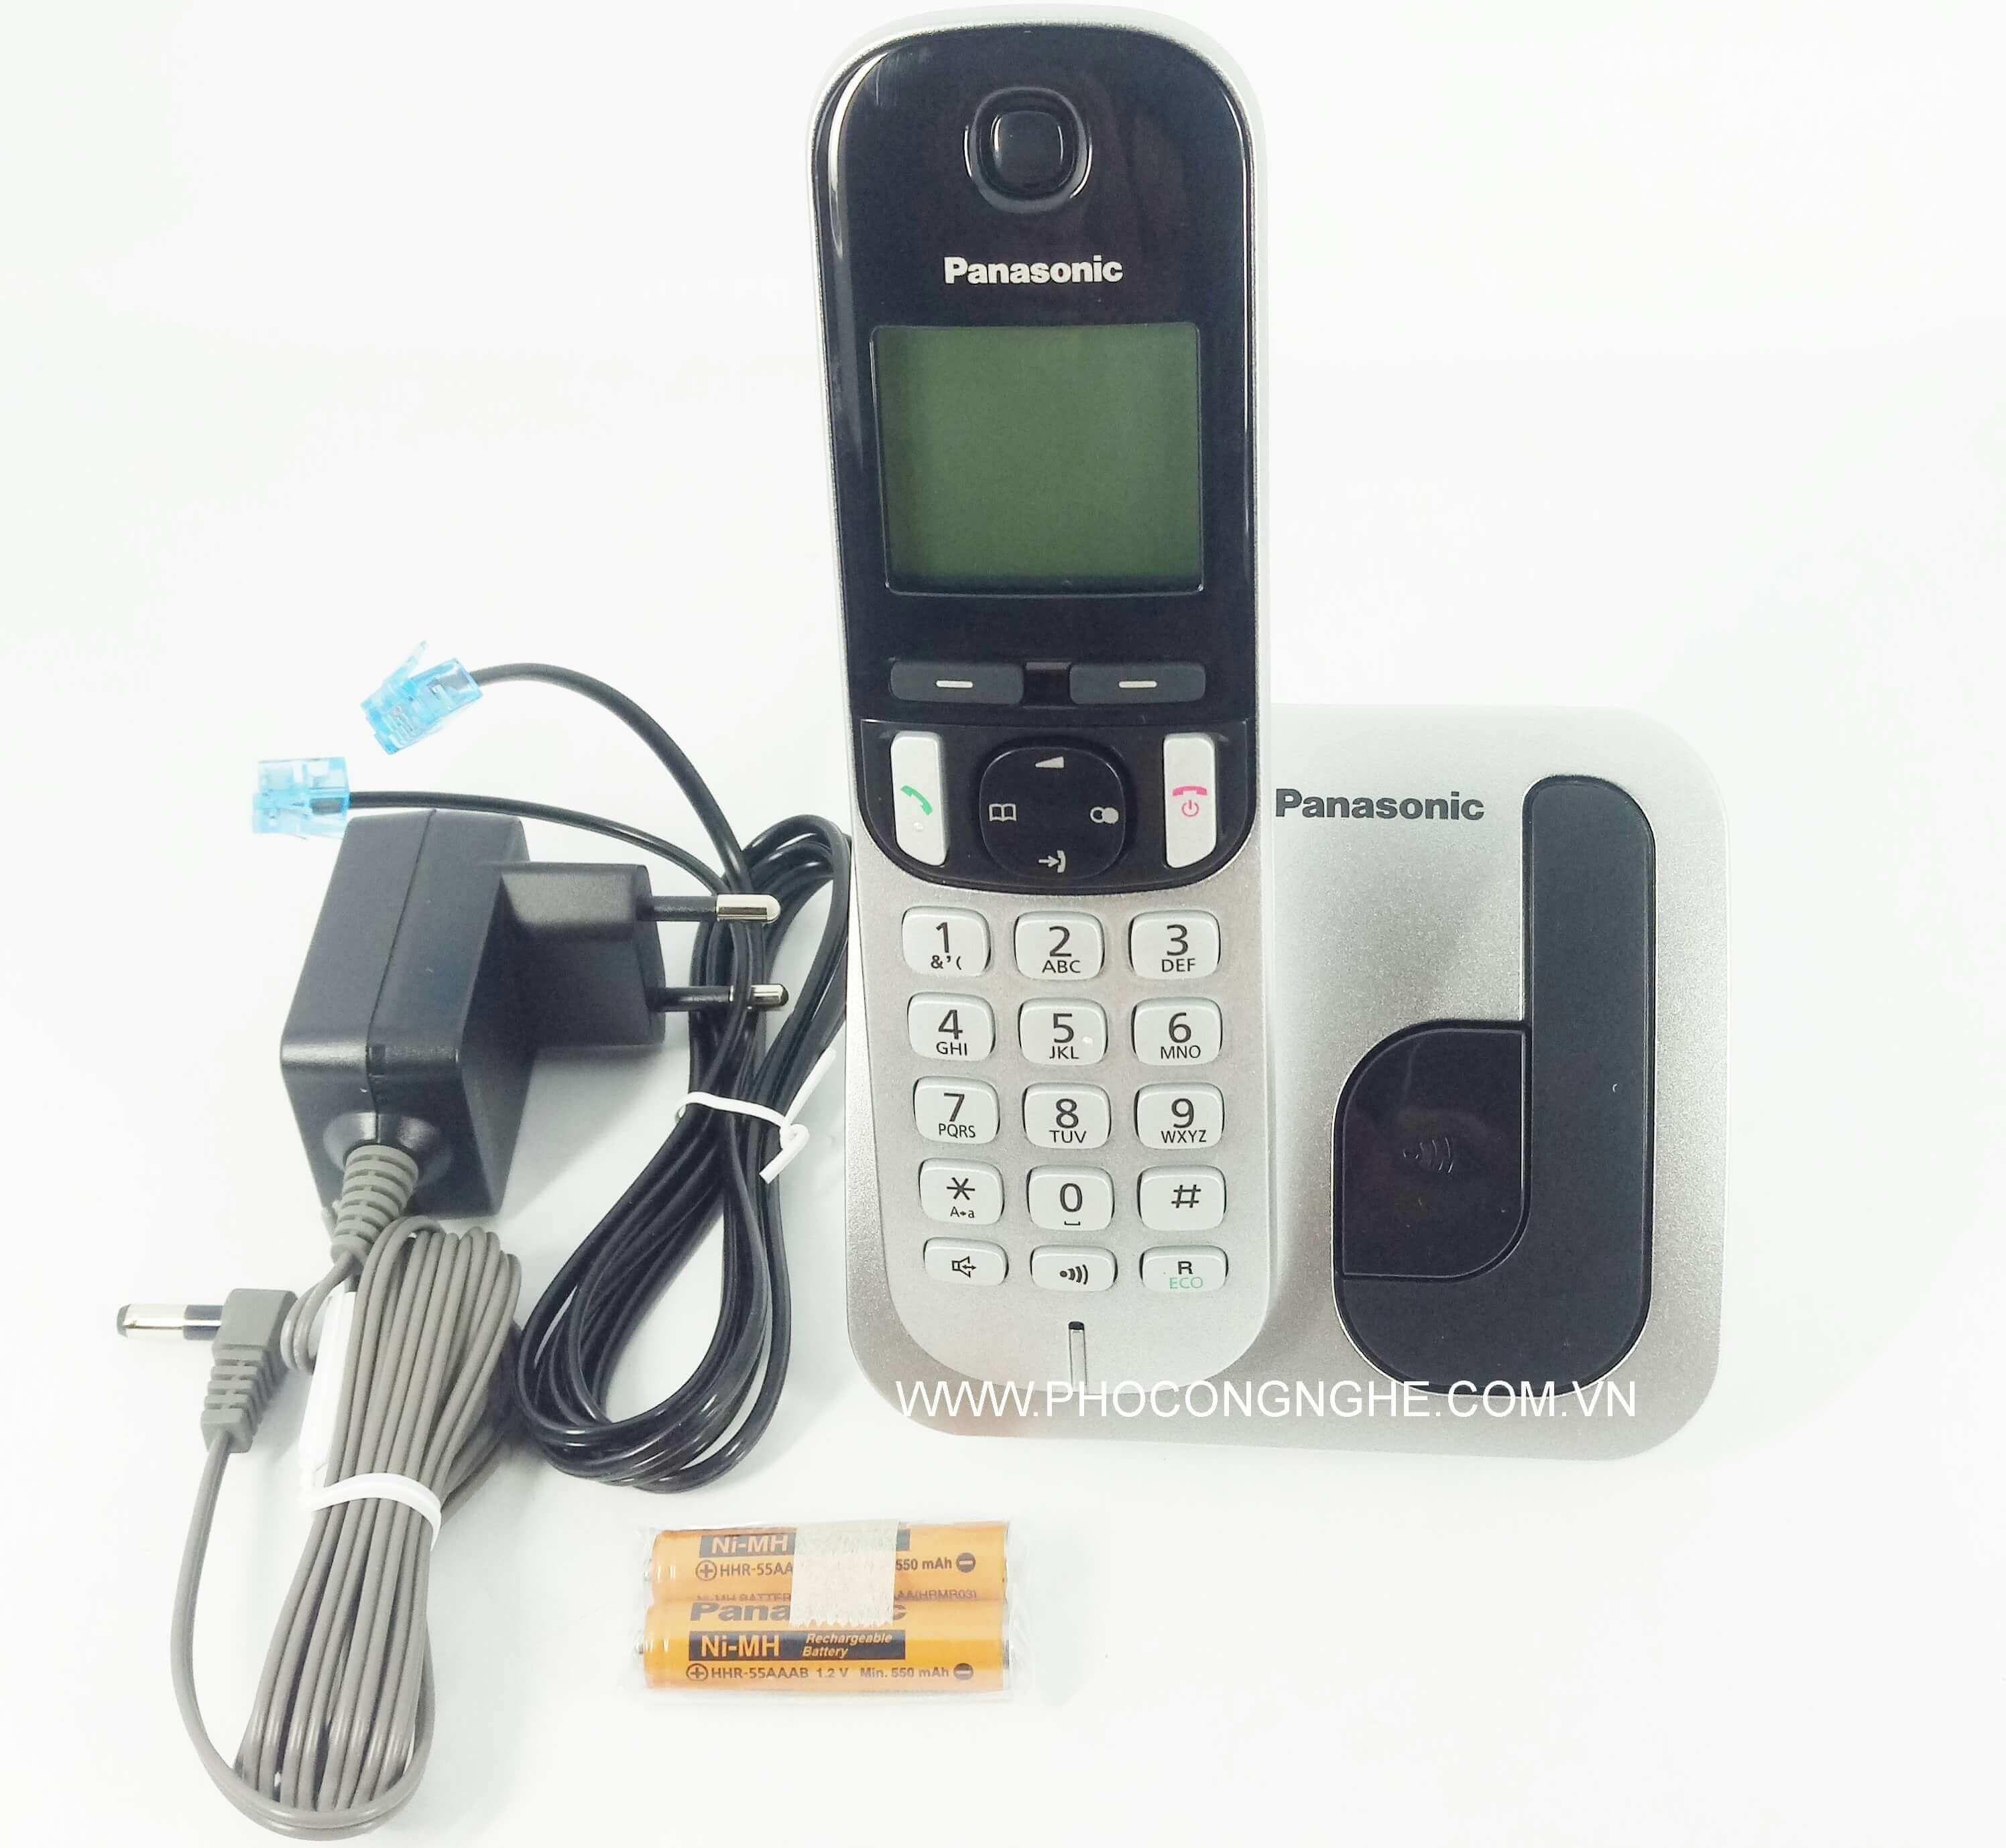 Điện thoại Panasonic KX-TGC210 tay cầm không dây